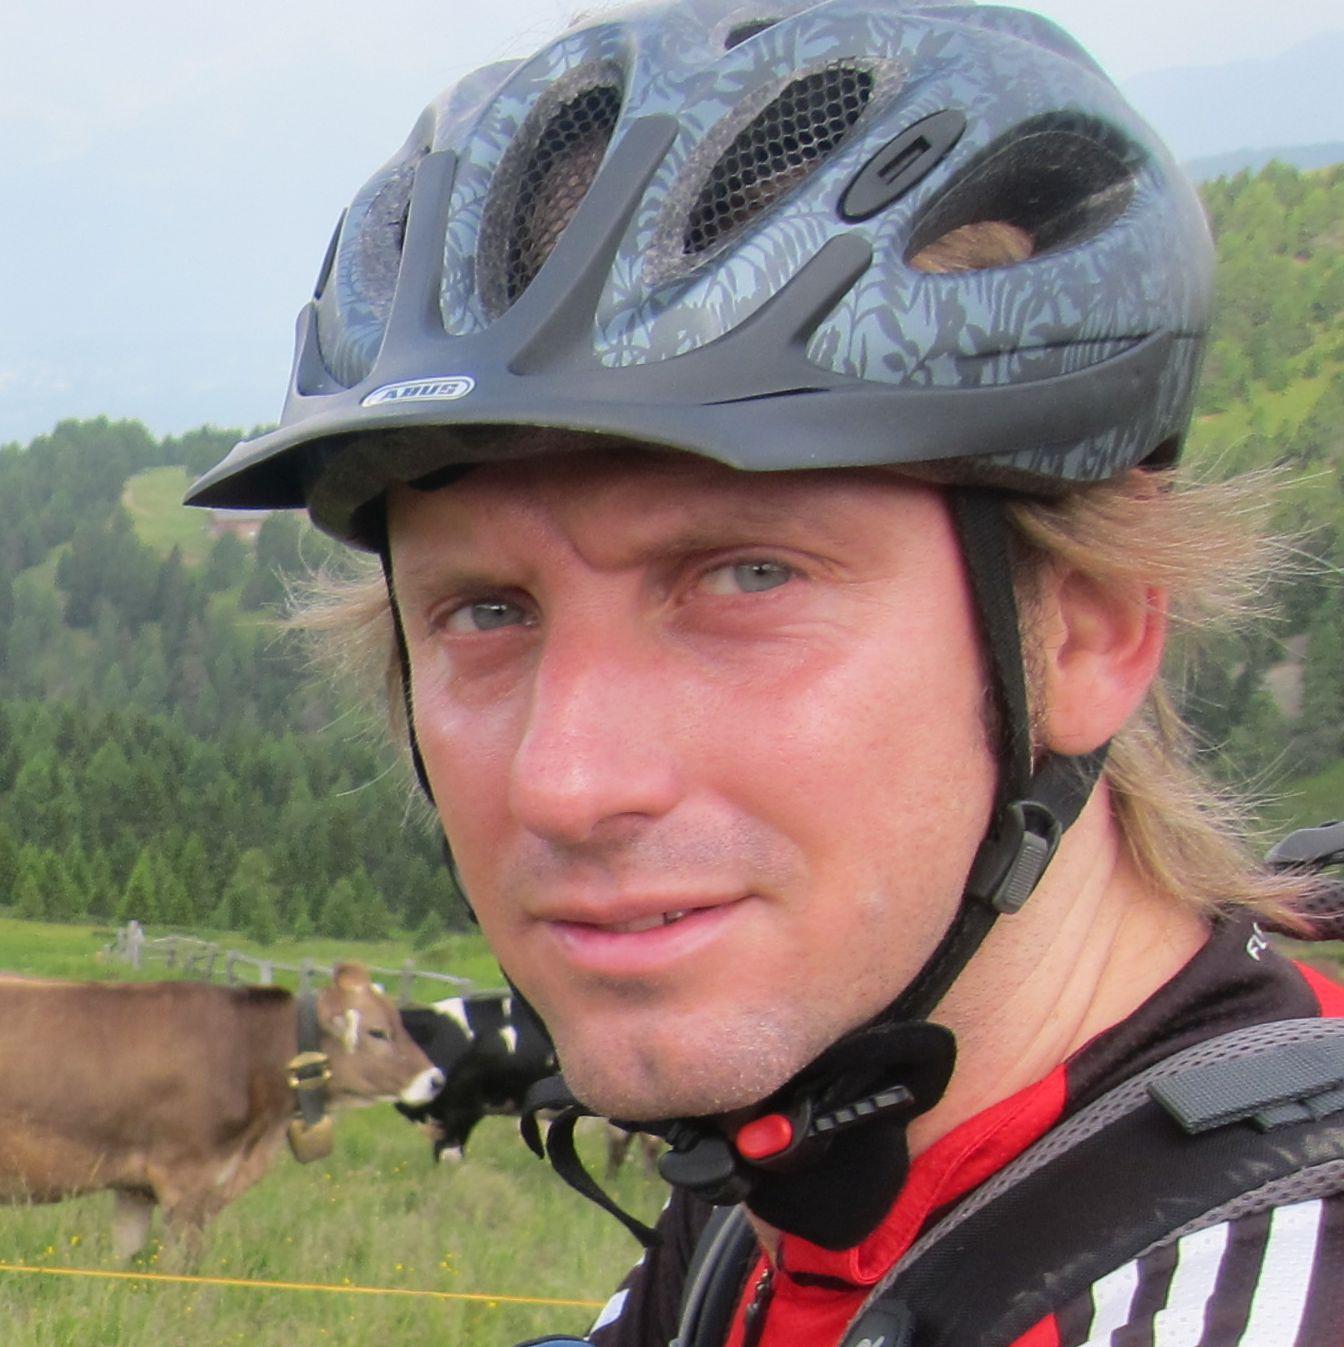 Manuel Zenk